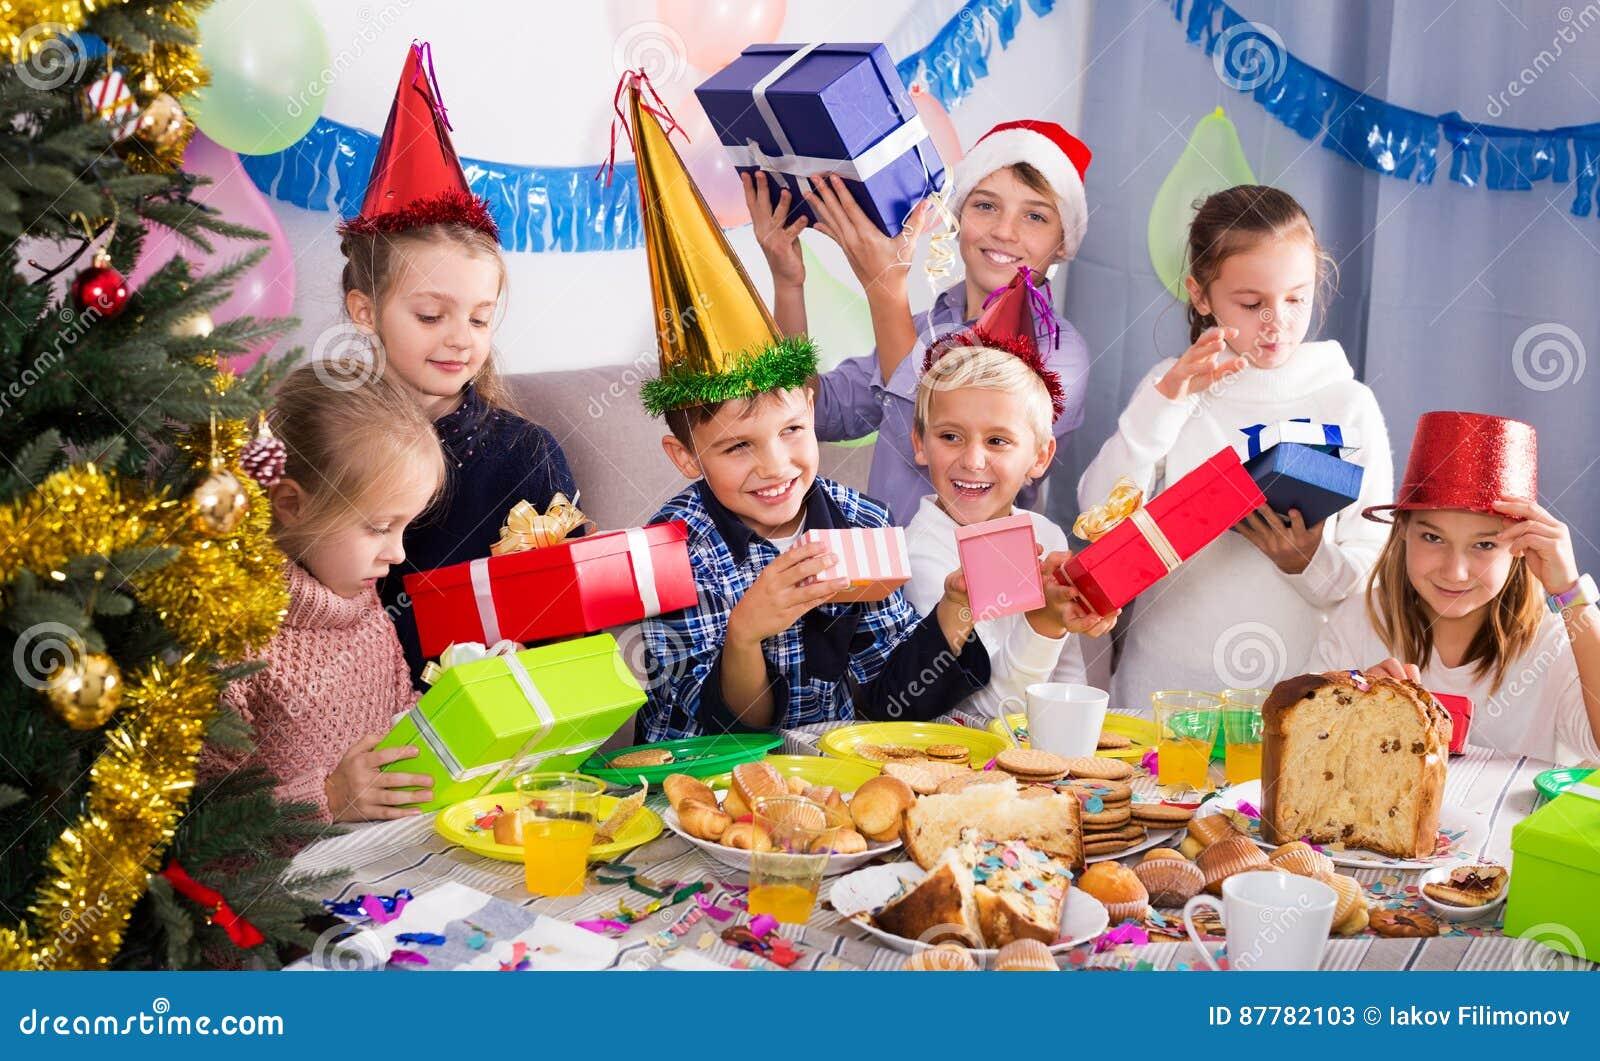 Kinder, Die Weihnachtsgeschenke Austauschen Stockbild - Bild von ...